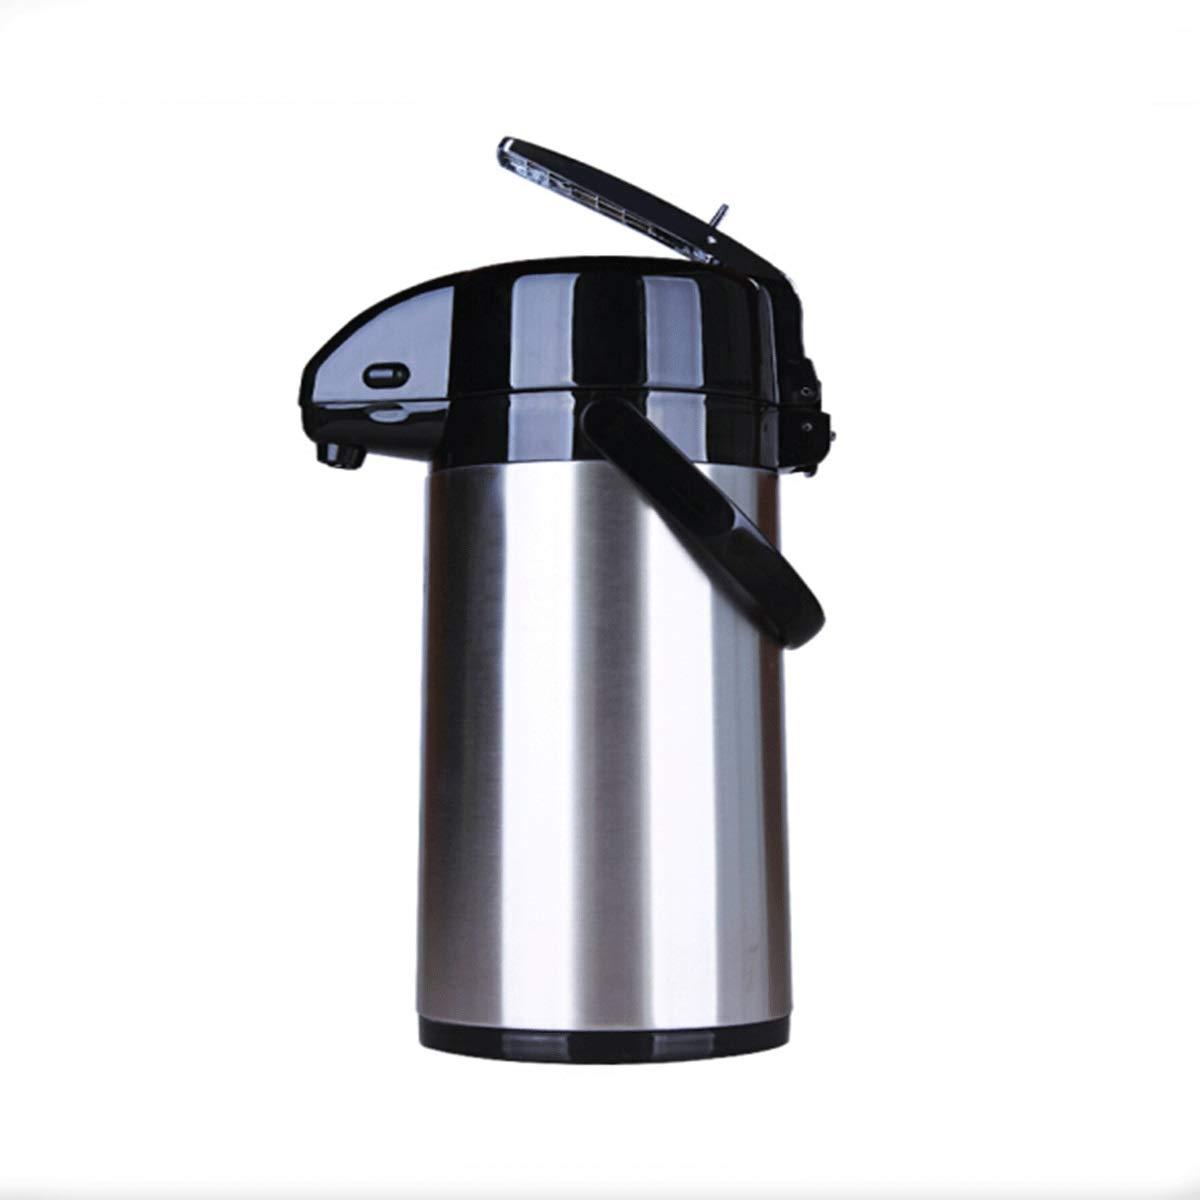 旅行絶縁ポット、車の断熱材のやかん、304ステンレス鋼ライナー屋外ポータブル大容量2.2L魔法瓶、やかん/魔法瓶   B07RFSTM3F